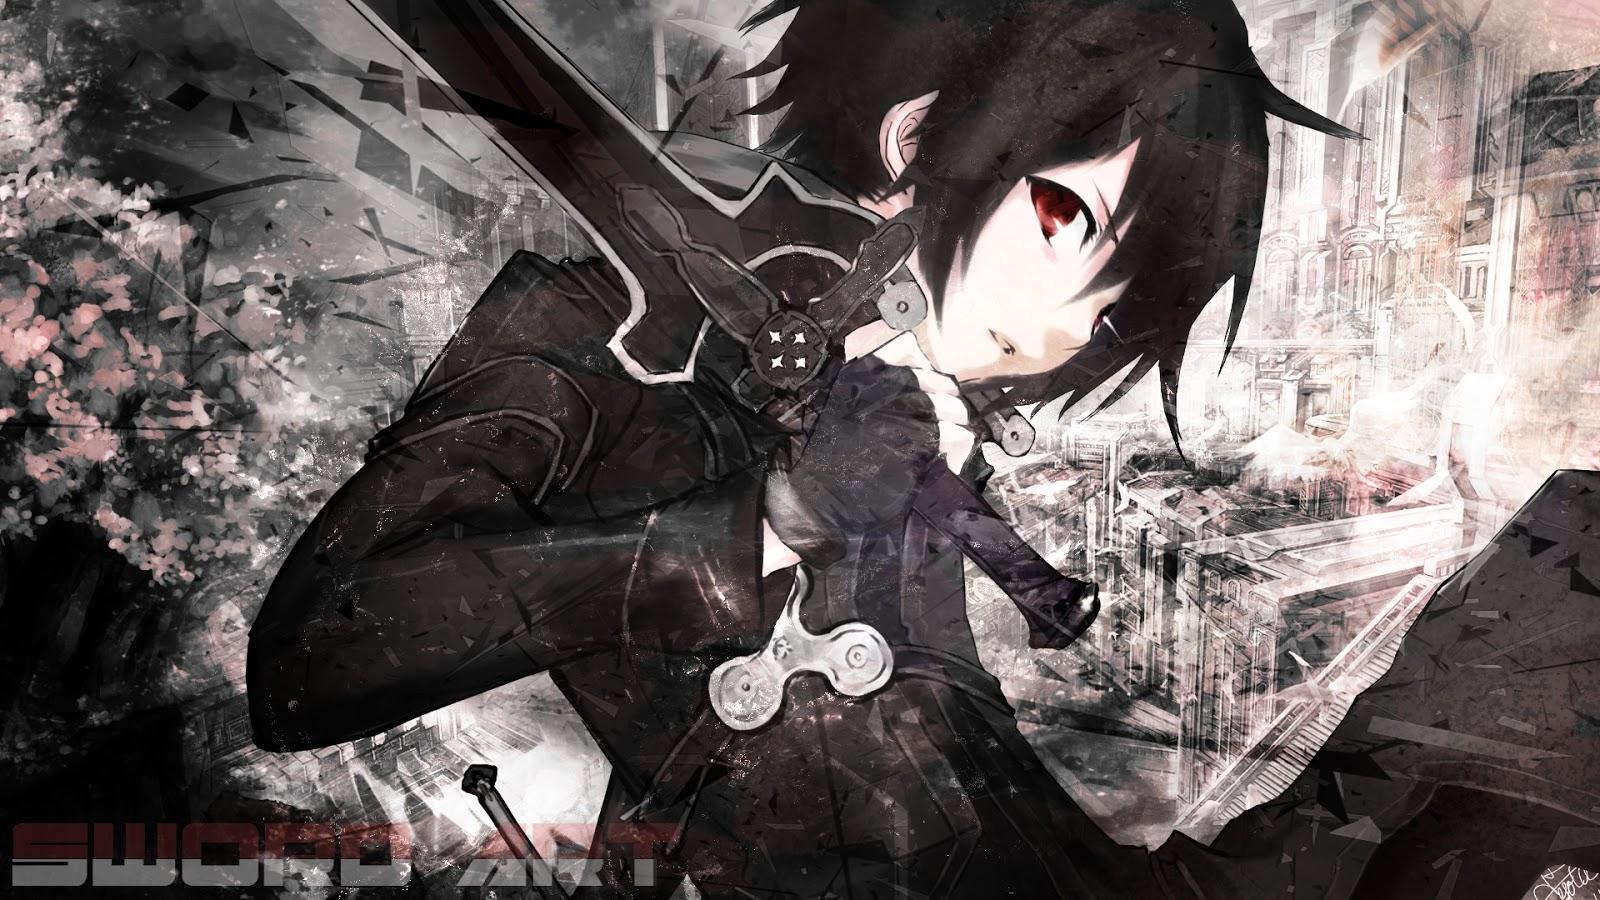 Swort Art Oline Kirito Coat Black Brunette Anime HD Wallpaper Desktop 1600x900